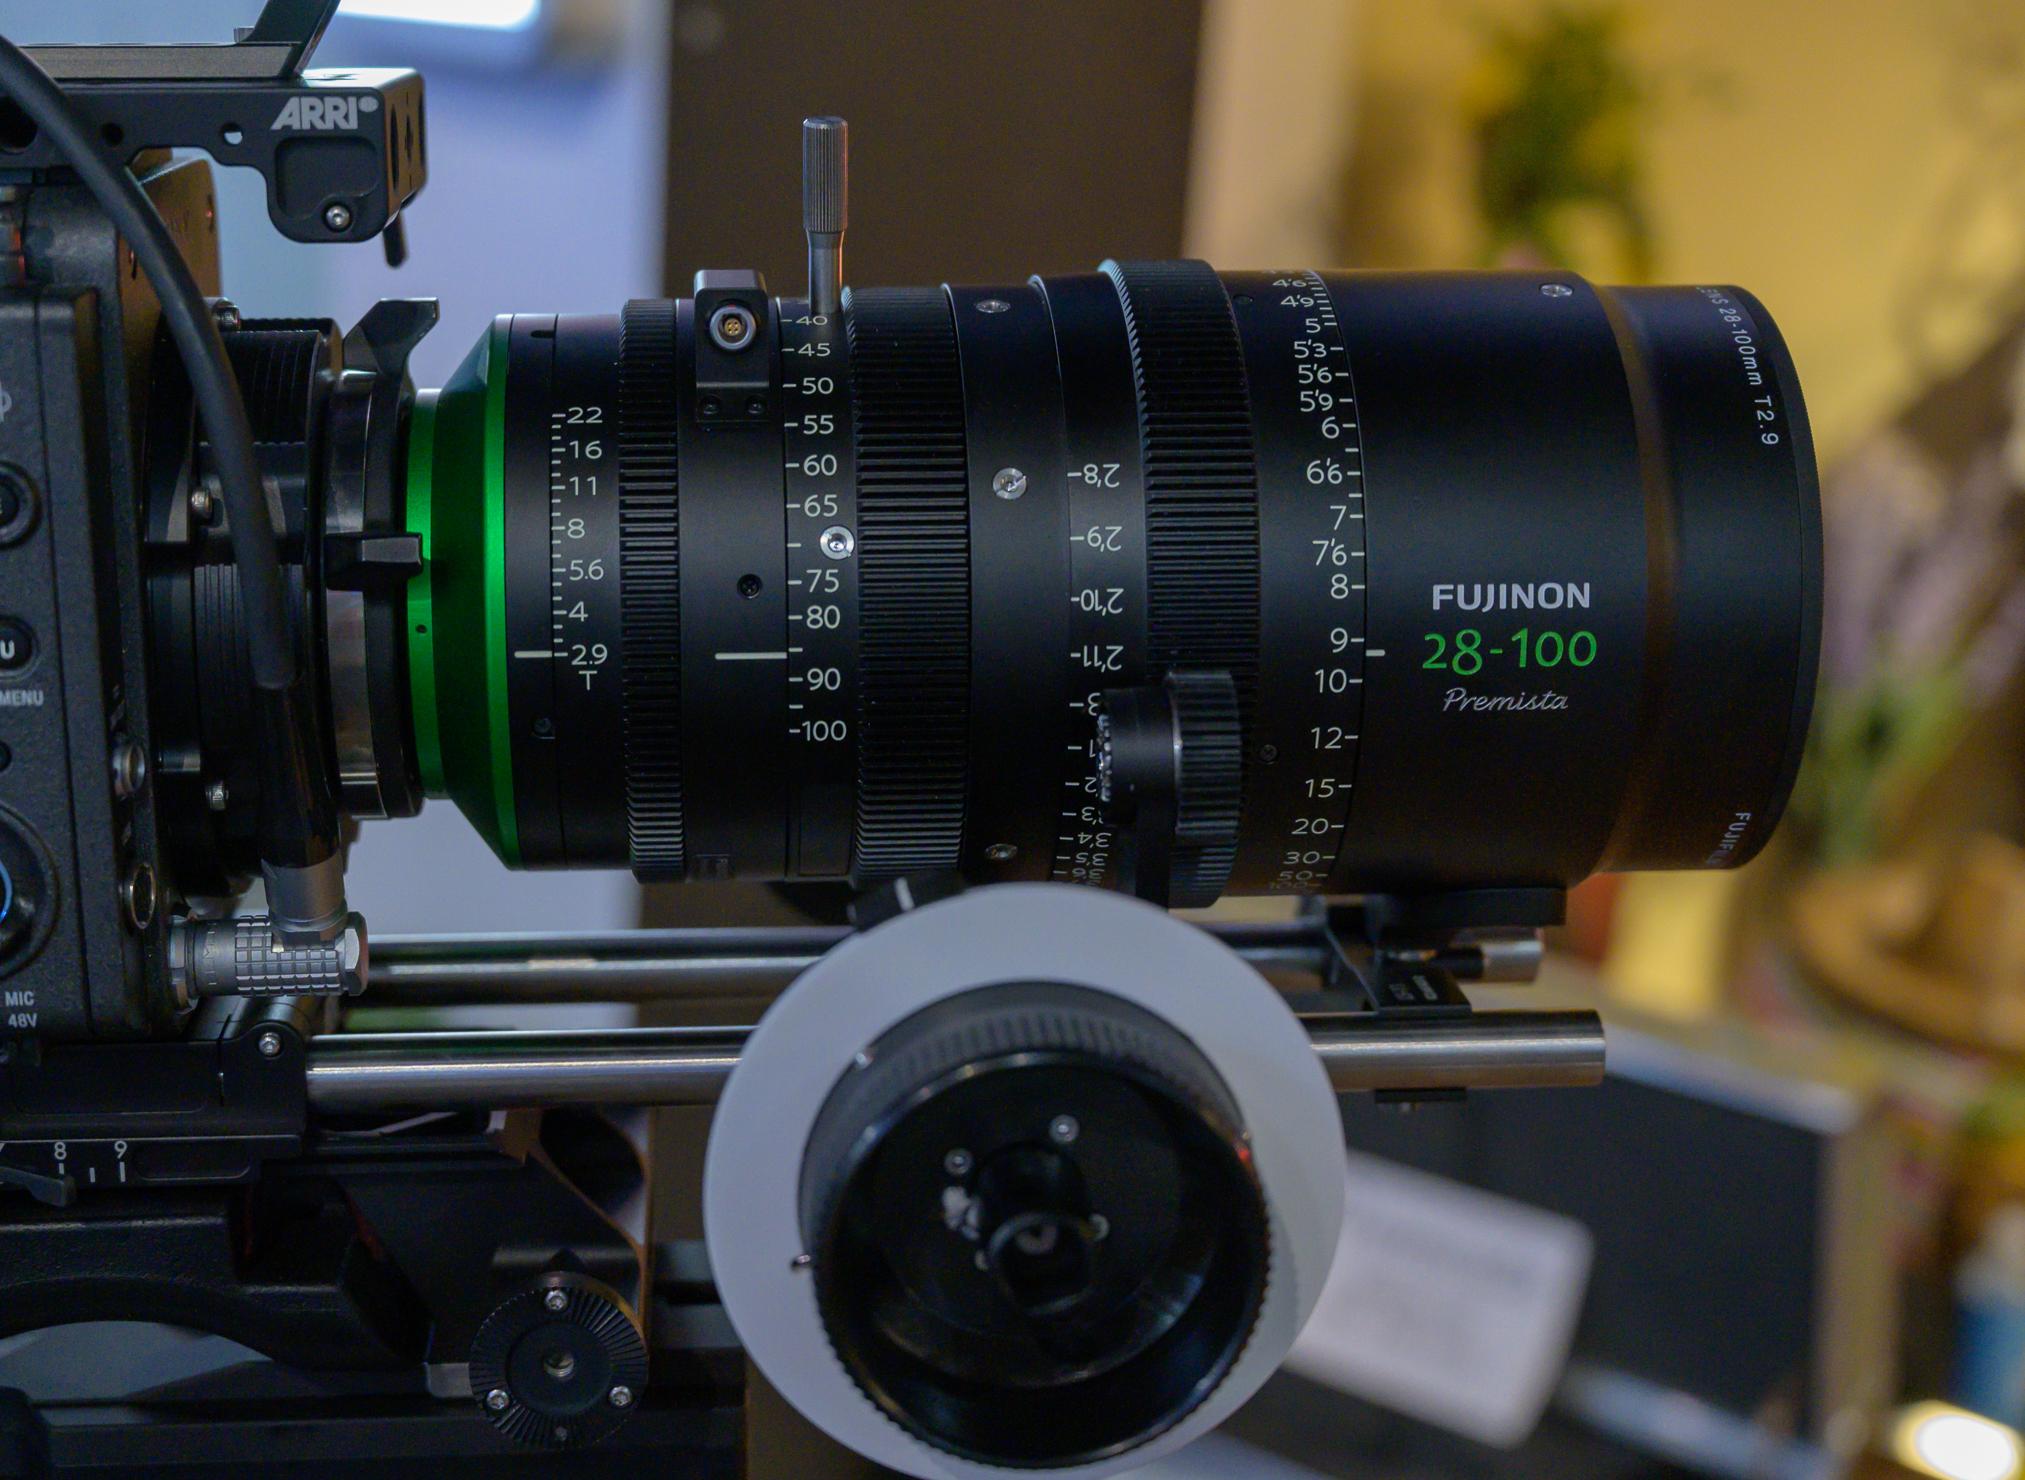 Premista Fujinon Lens